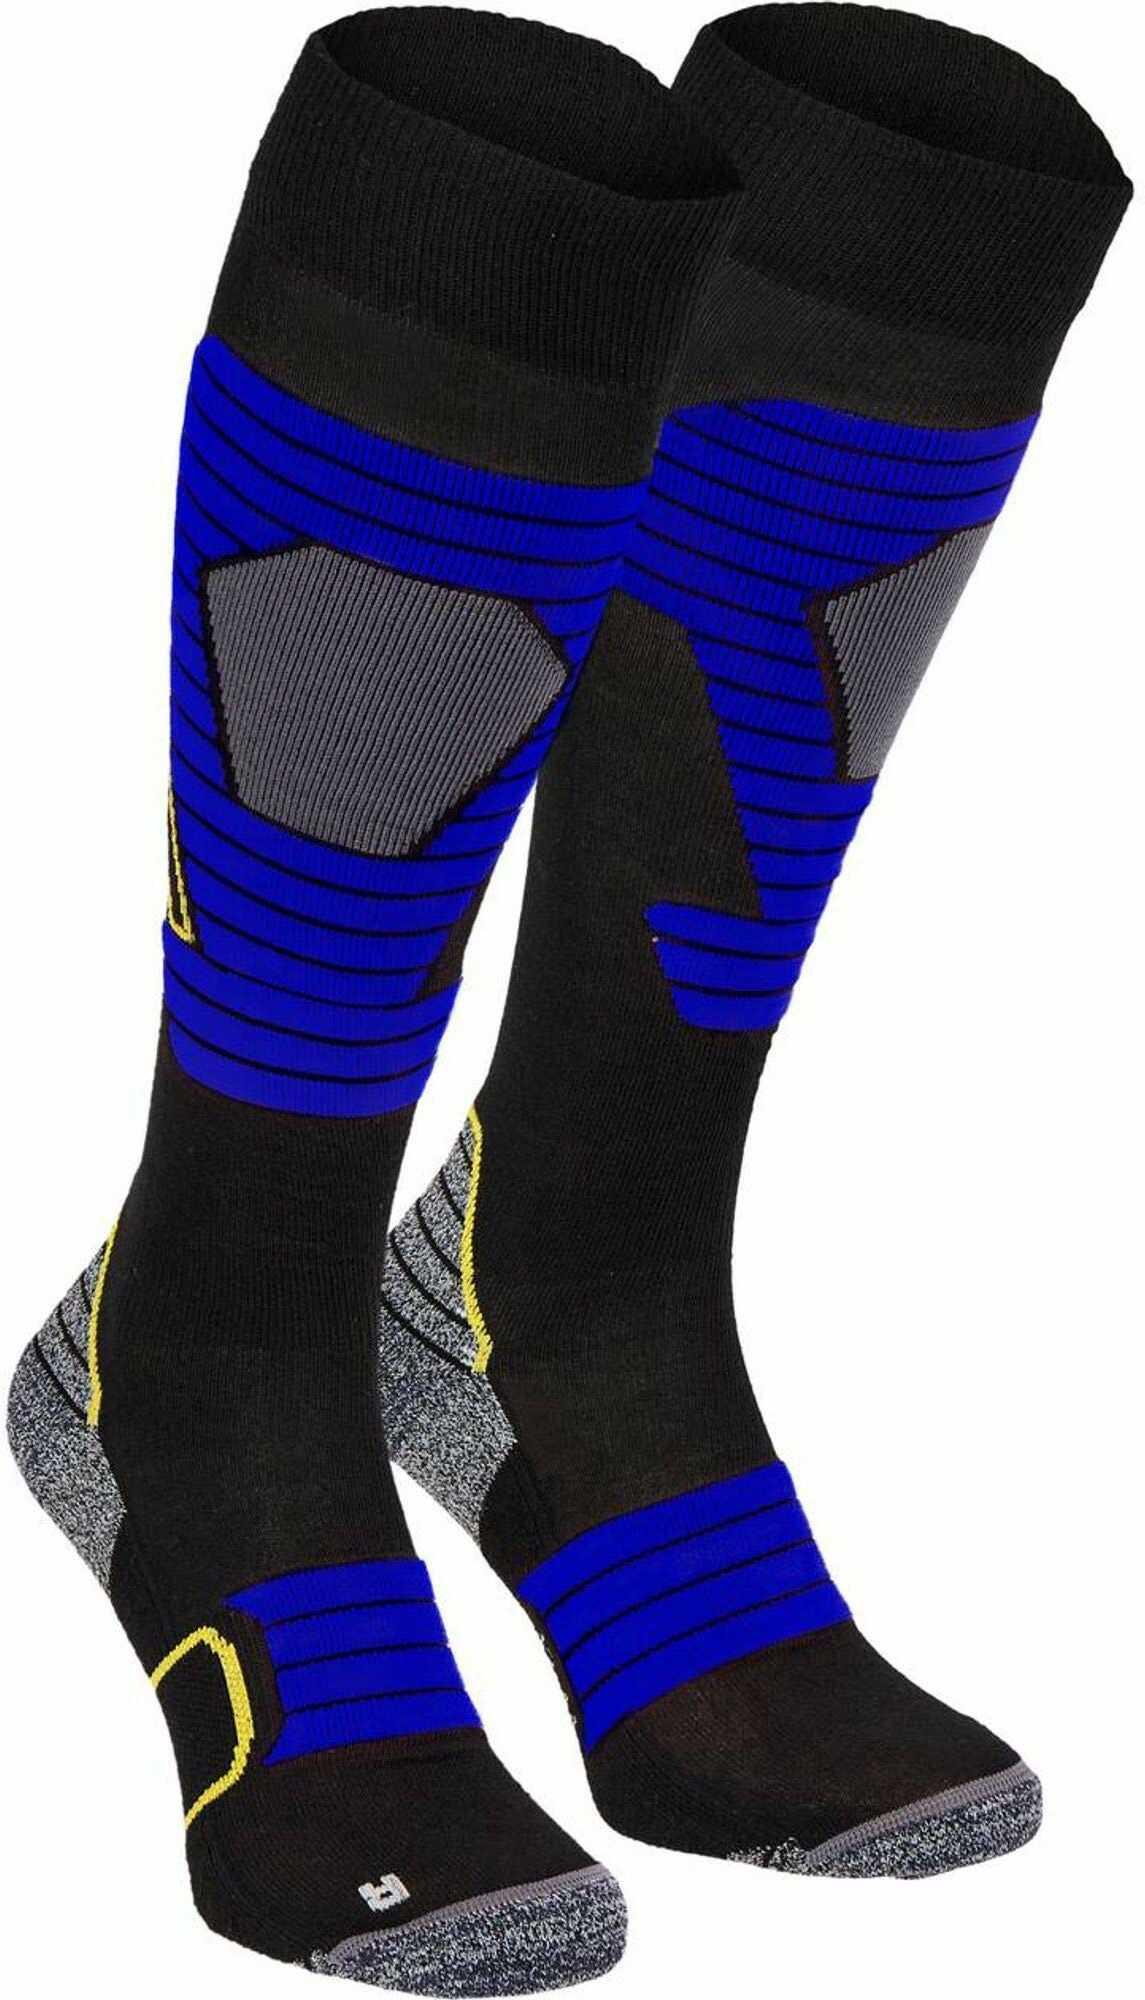 McKINLEY Brima rajstopy męskie czarny czarny/niebieski 39-41